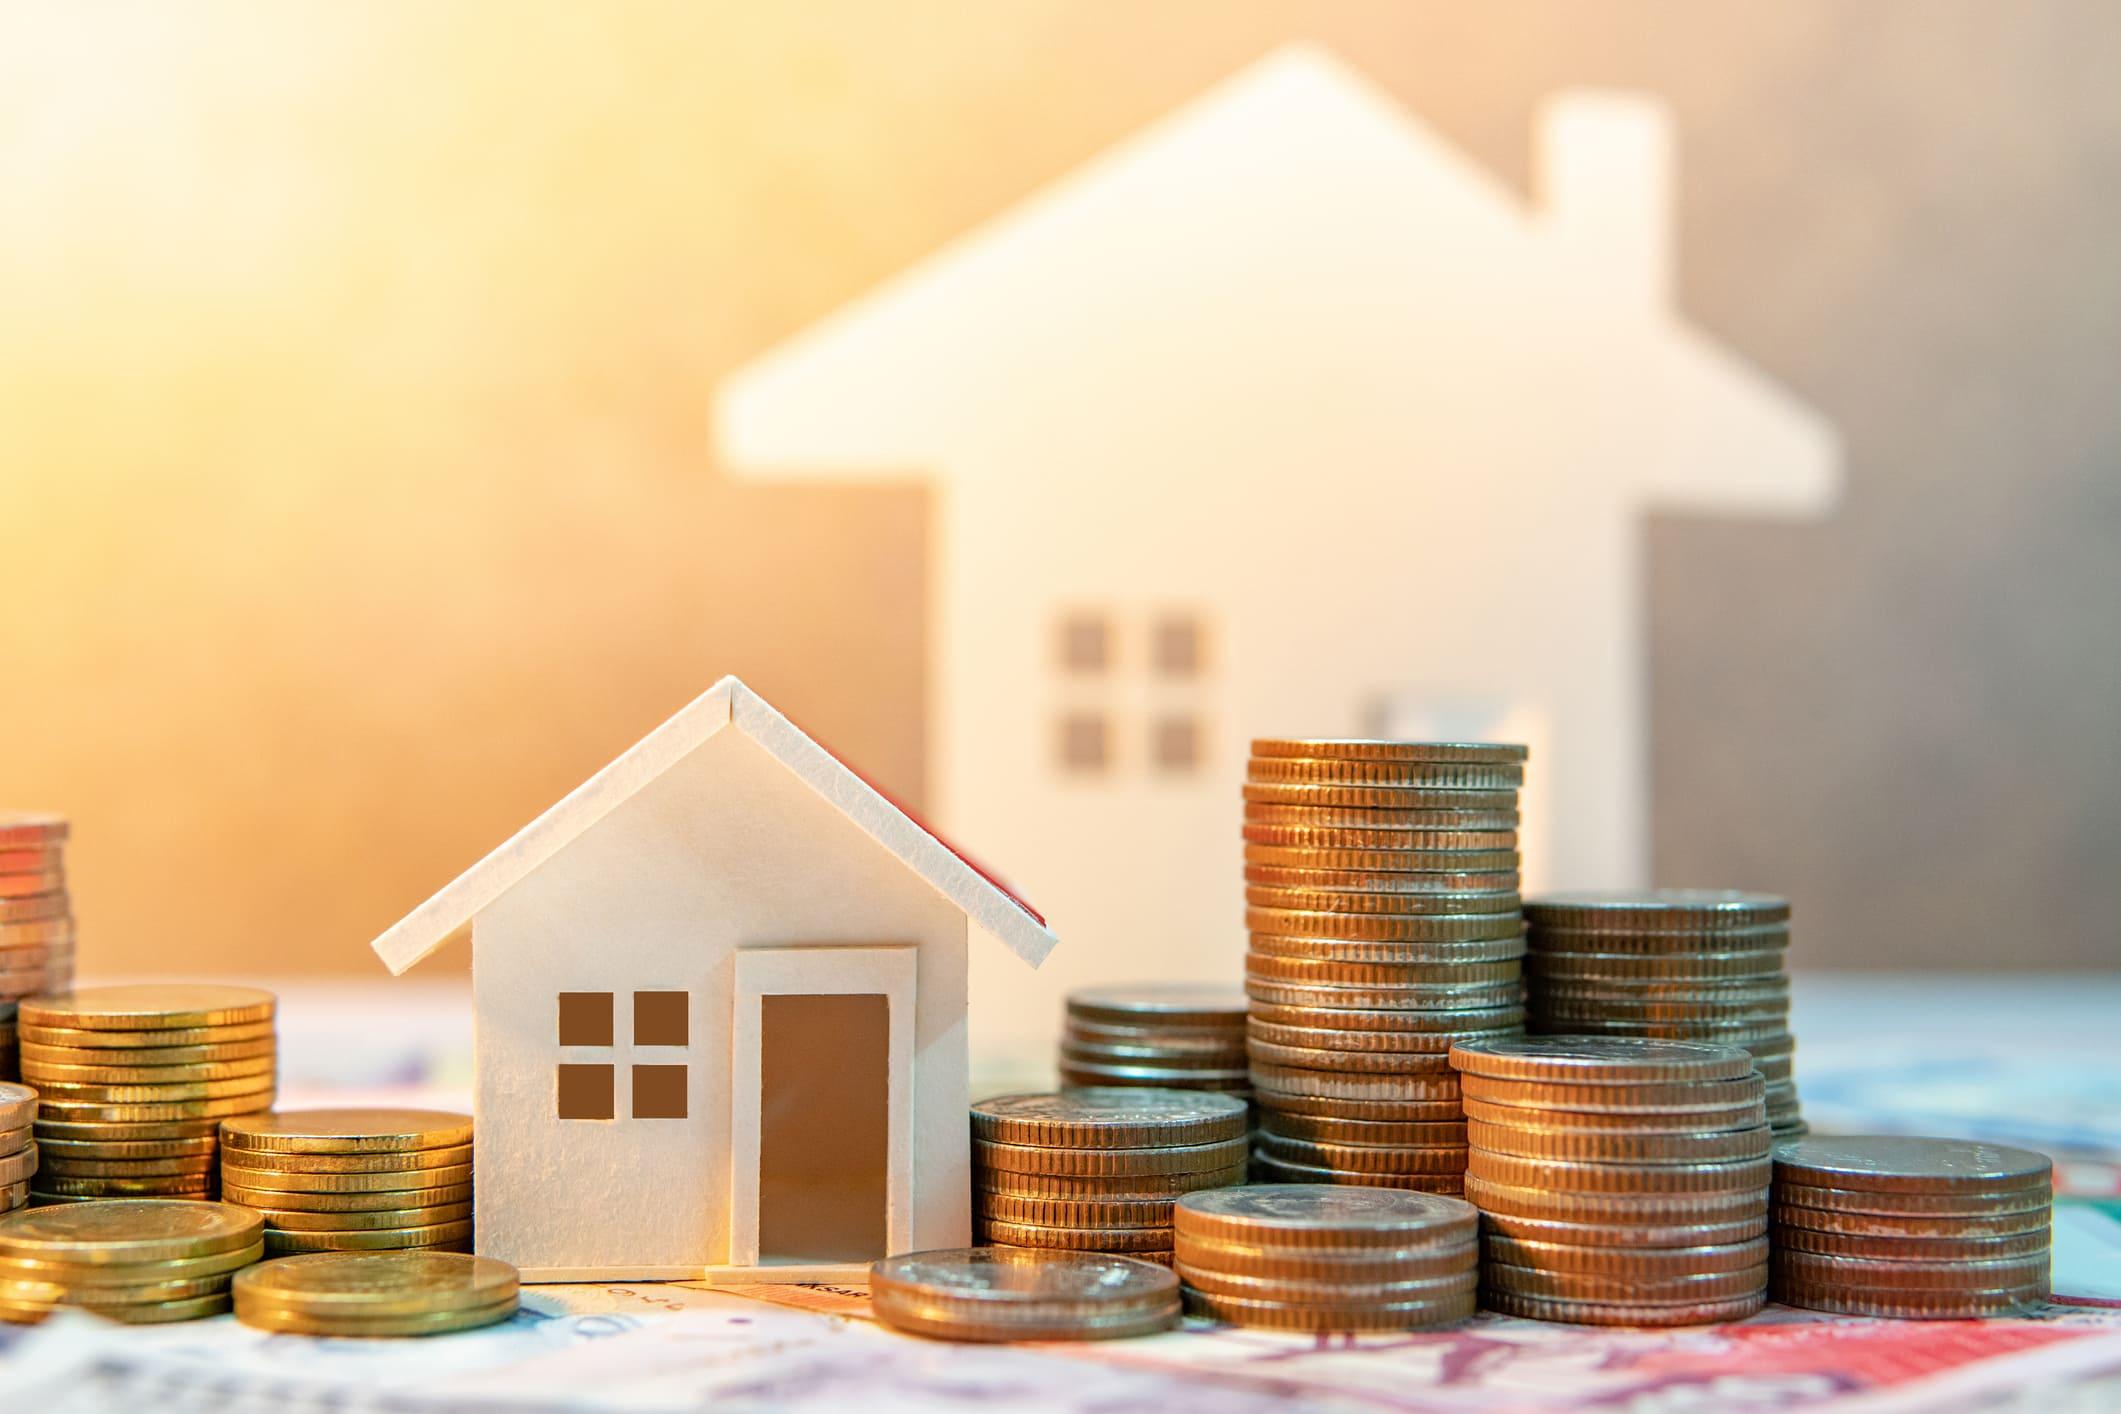 Vende una casa en el 2021